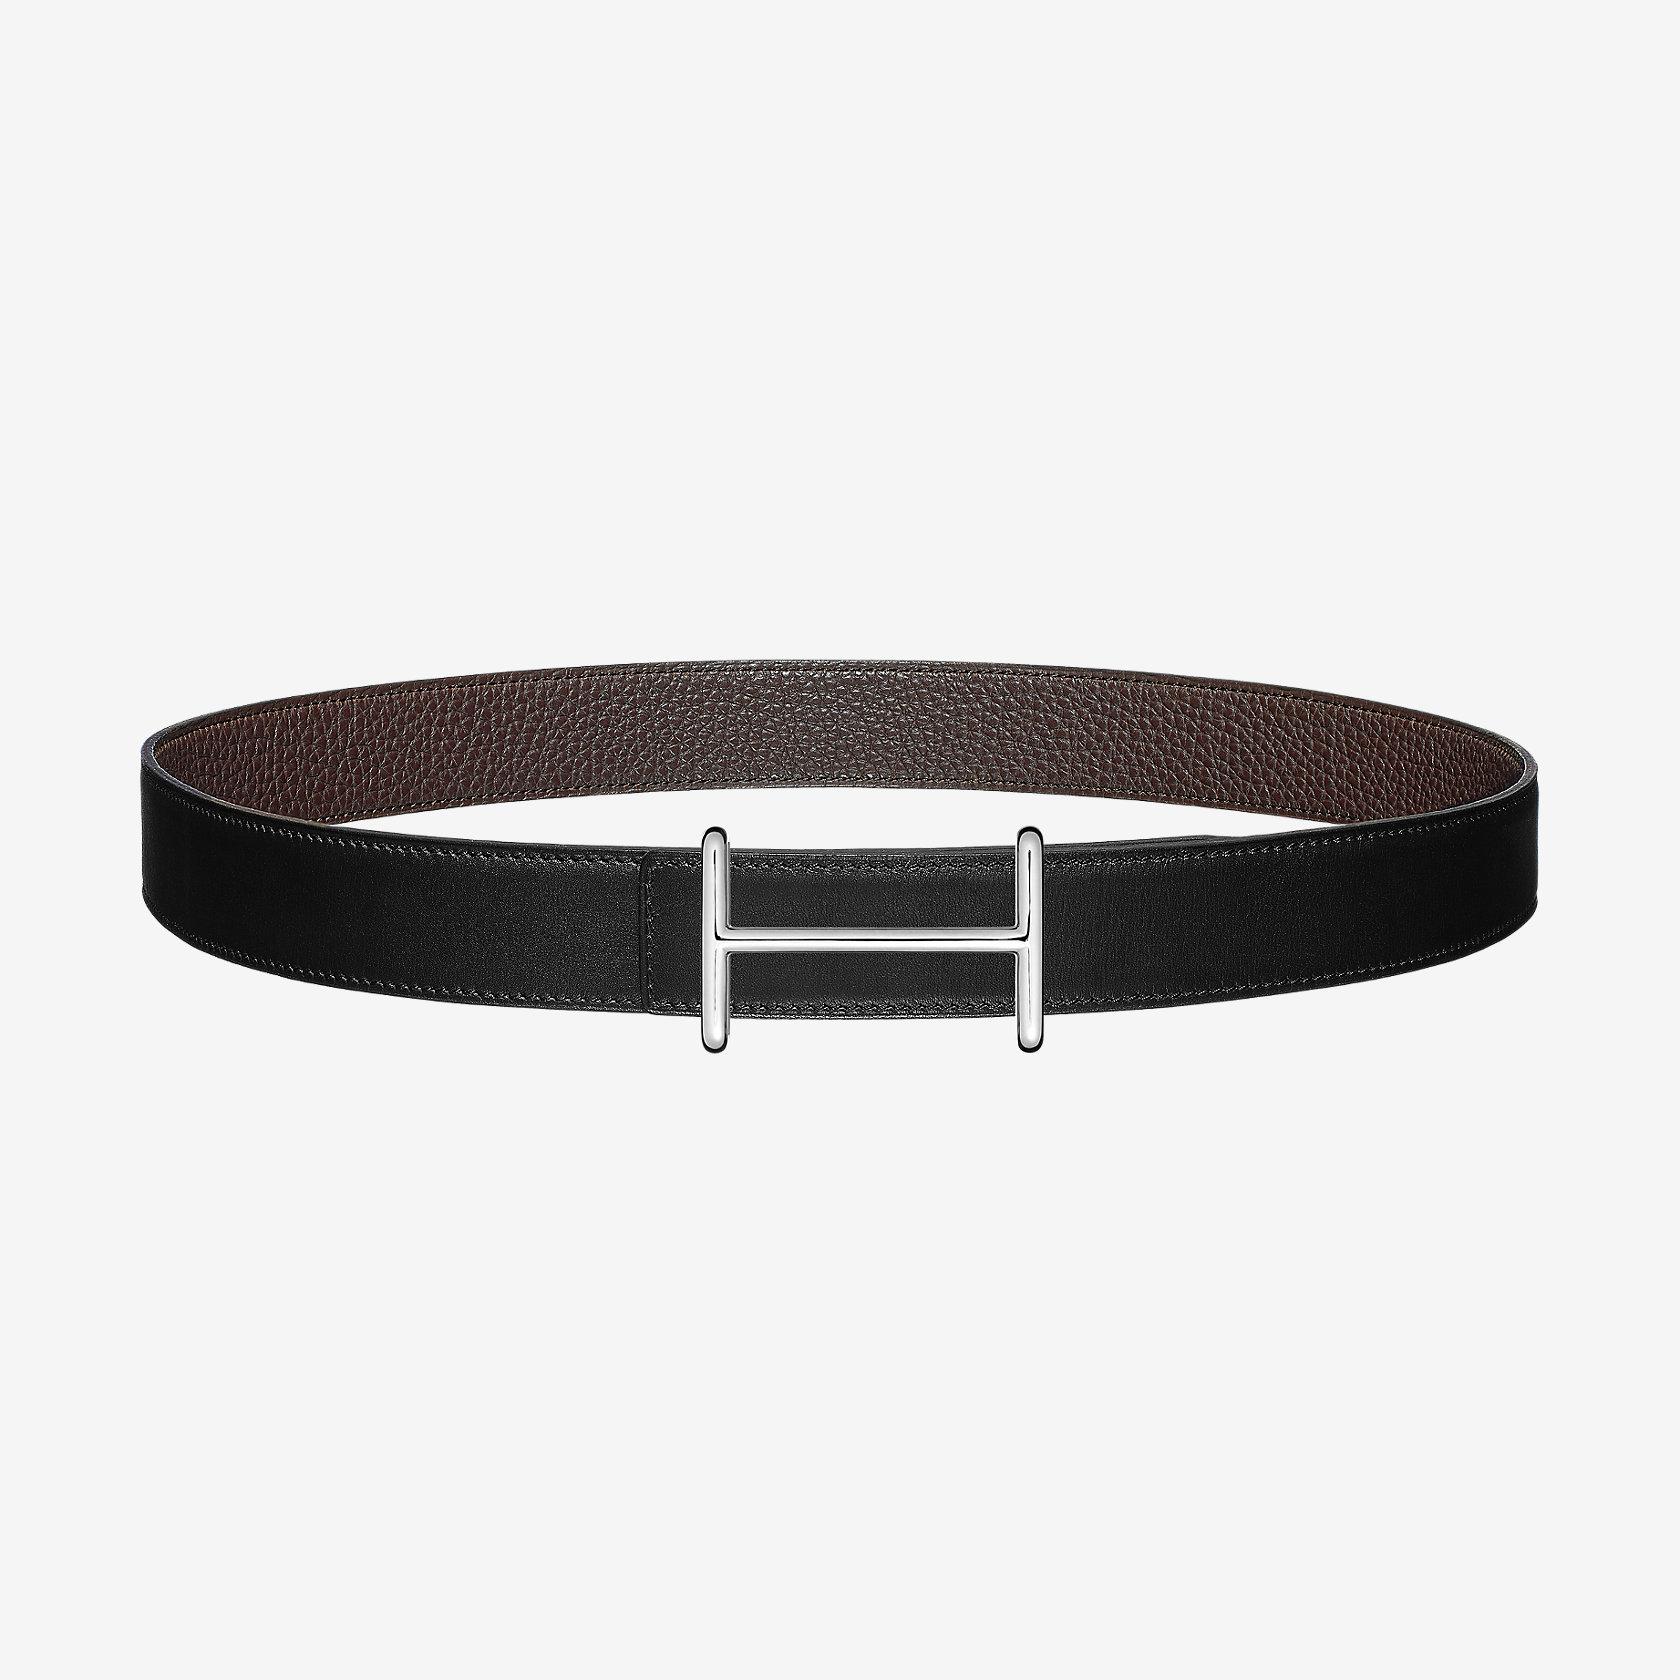 ef14226bce Boucle de ceinture Idem & Cuir de ceinture réversible 32 mm | Hermès